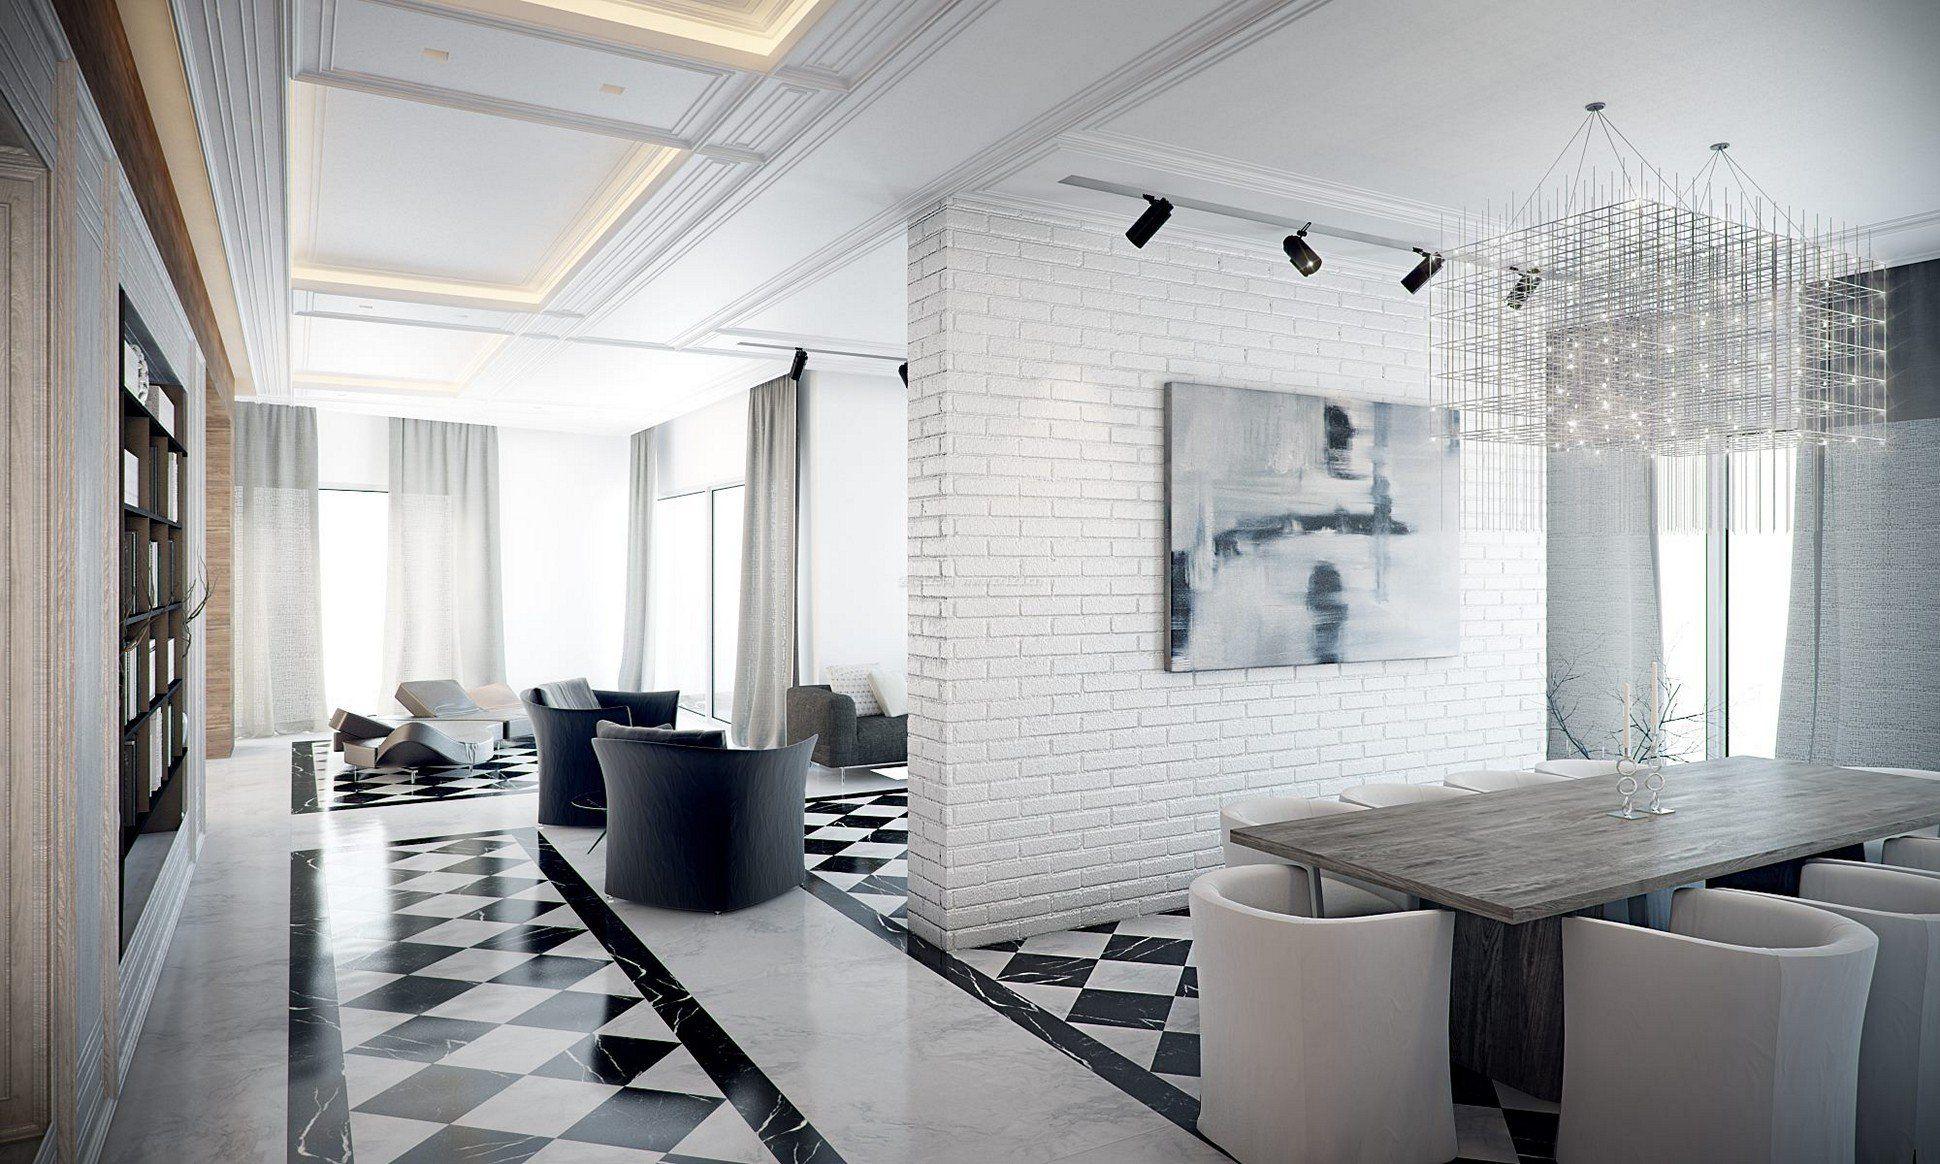 现代简约风格房屋黑白相间地砖装修效果图片